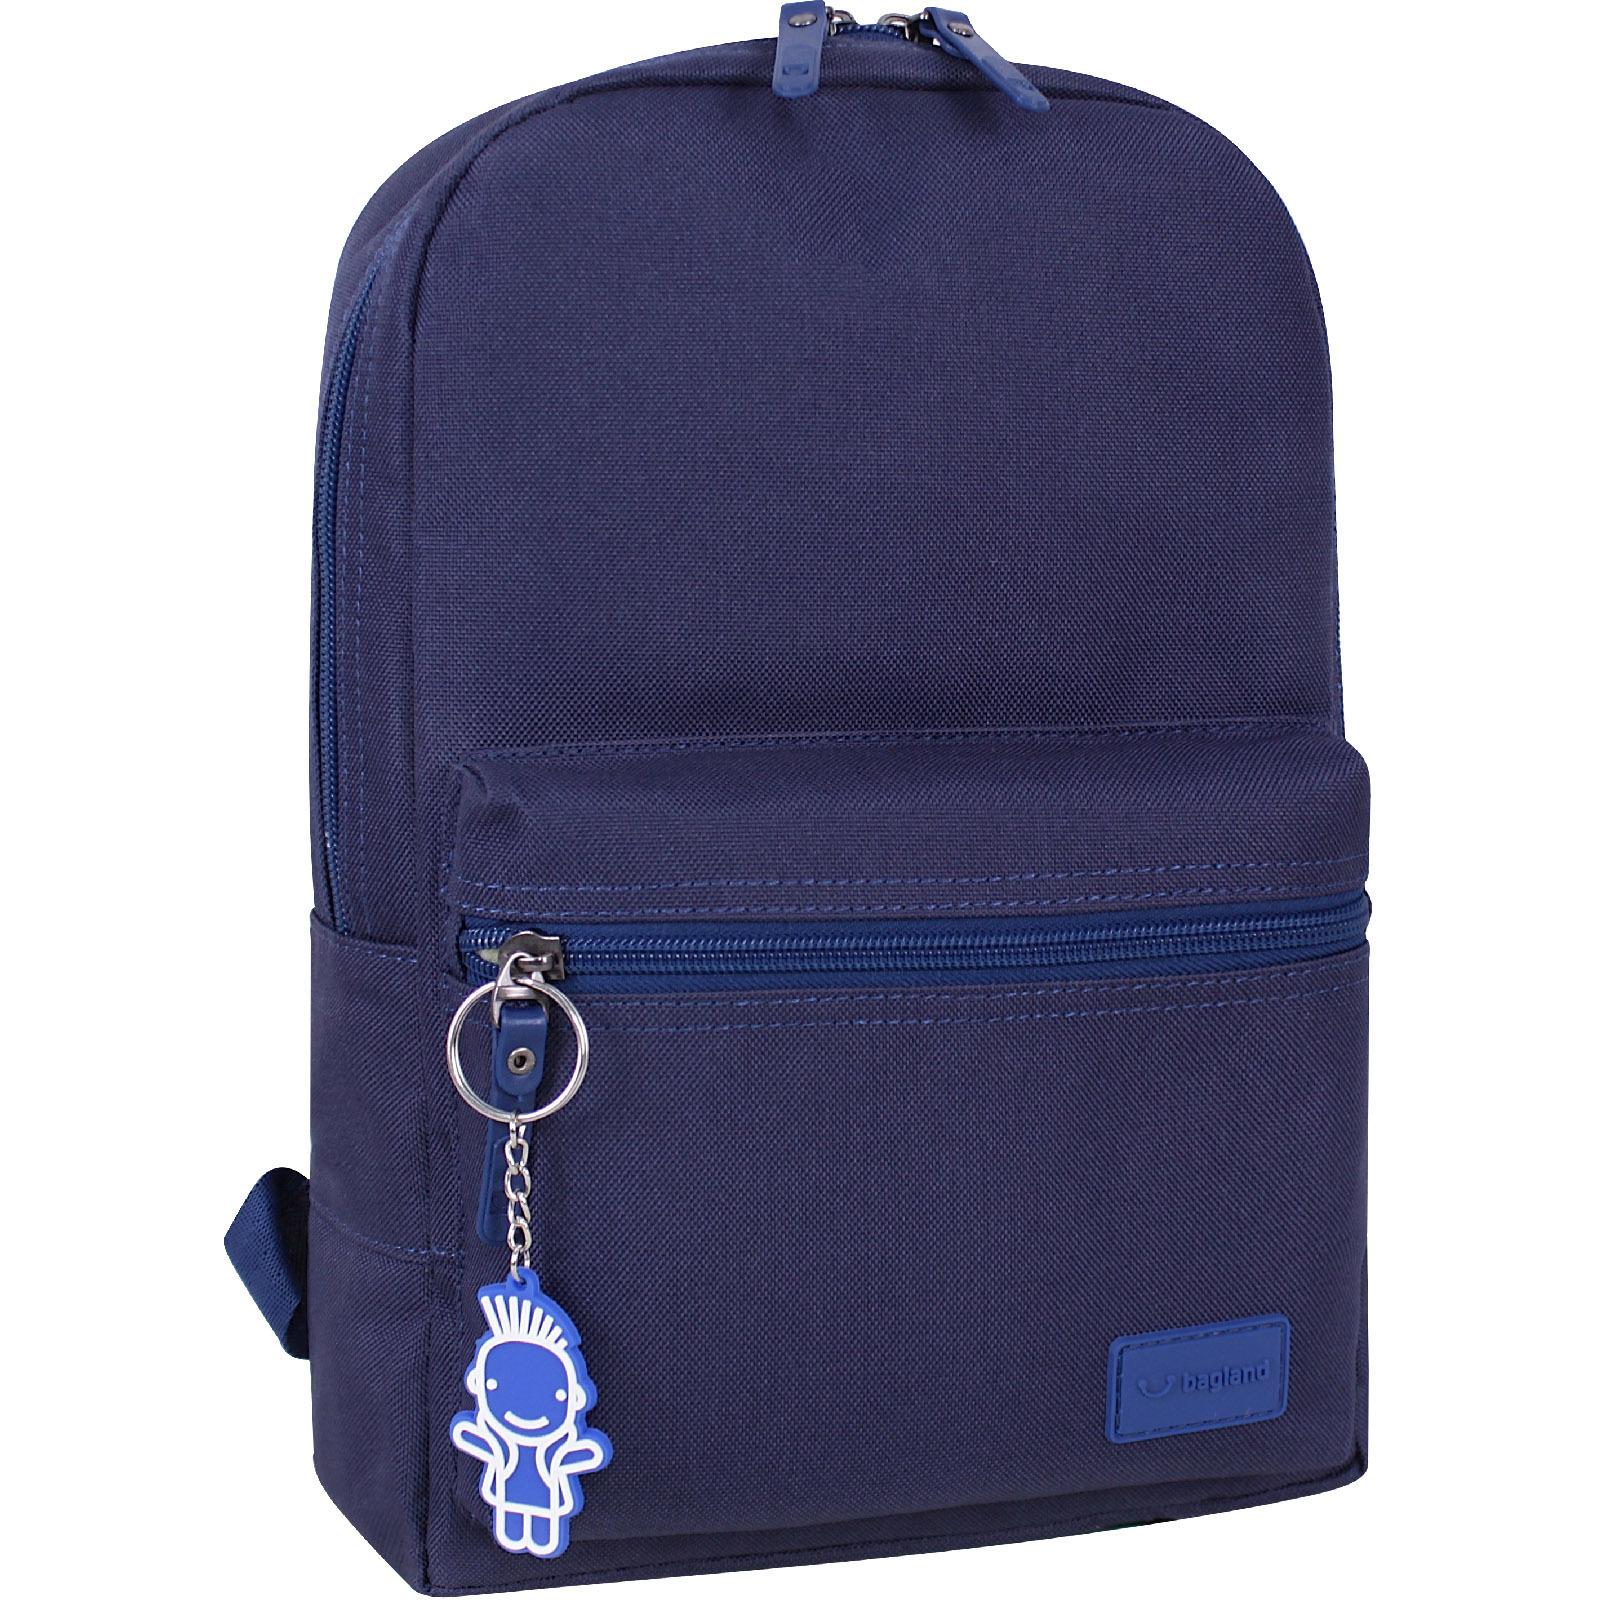 Молодежные рюкзаки Рюкзак Bagland Молодежный mini 8 л. чернильный (0050866) IMG_0121.JPG